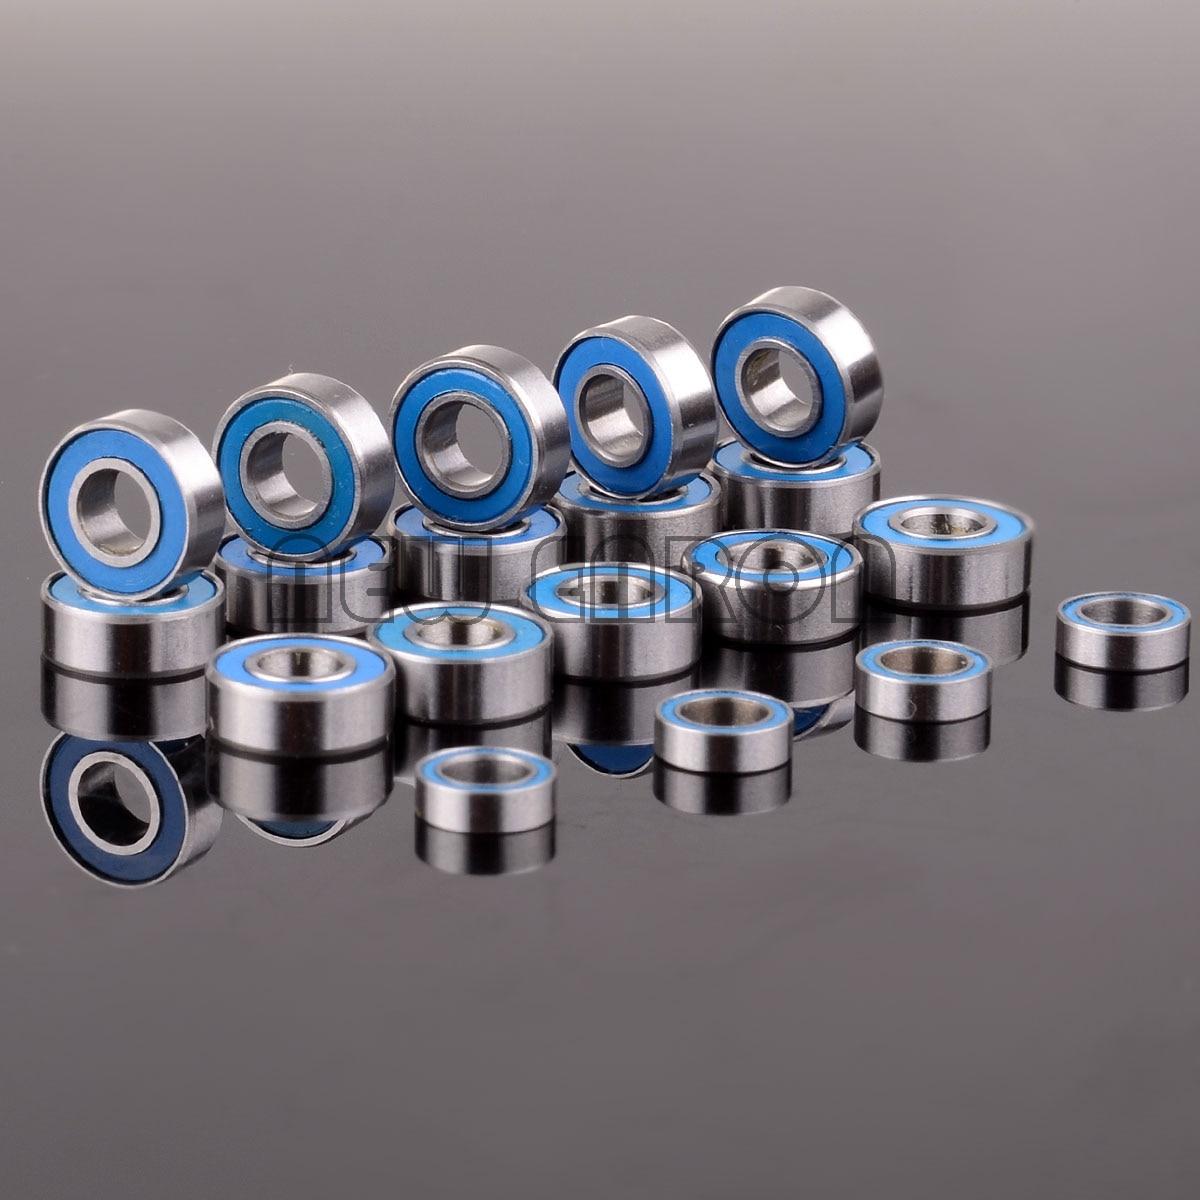 19 штук хромированные Сталь шариковый подшипник метрических синий резиновое запечатанное с двух сторон дикое Bandit комплект для RC Traxxas Slash 2WD Н...